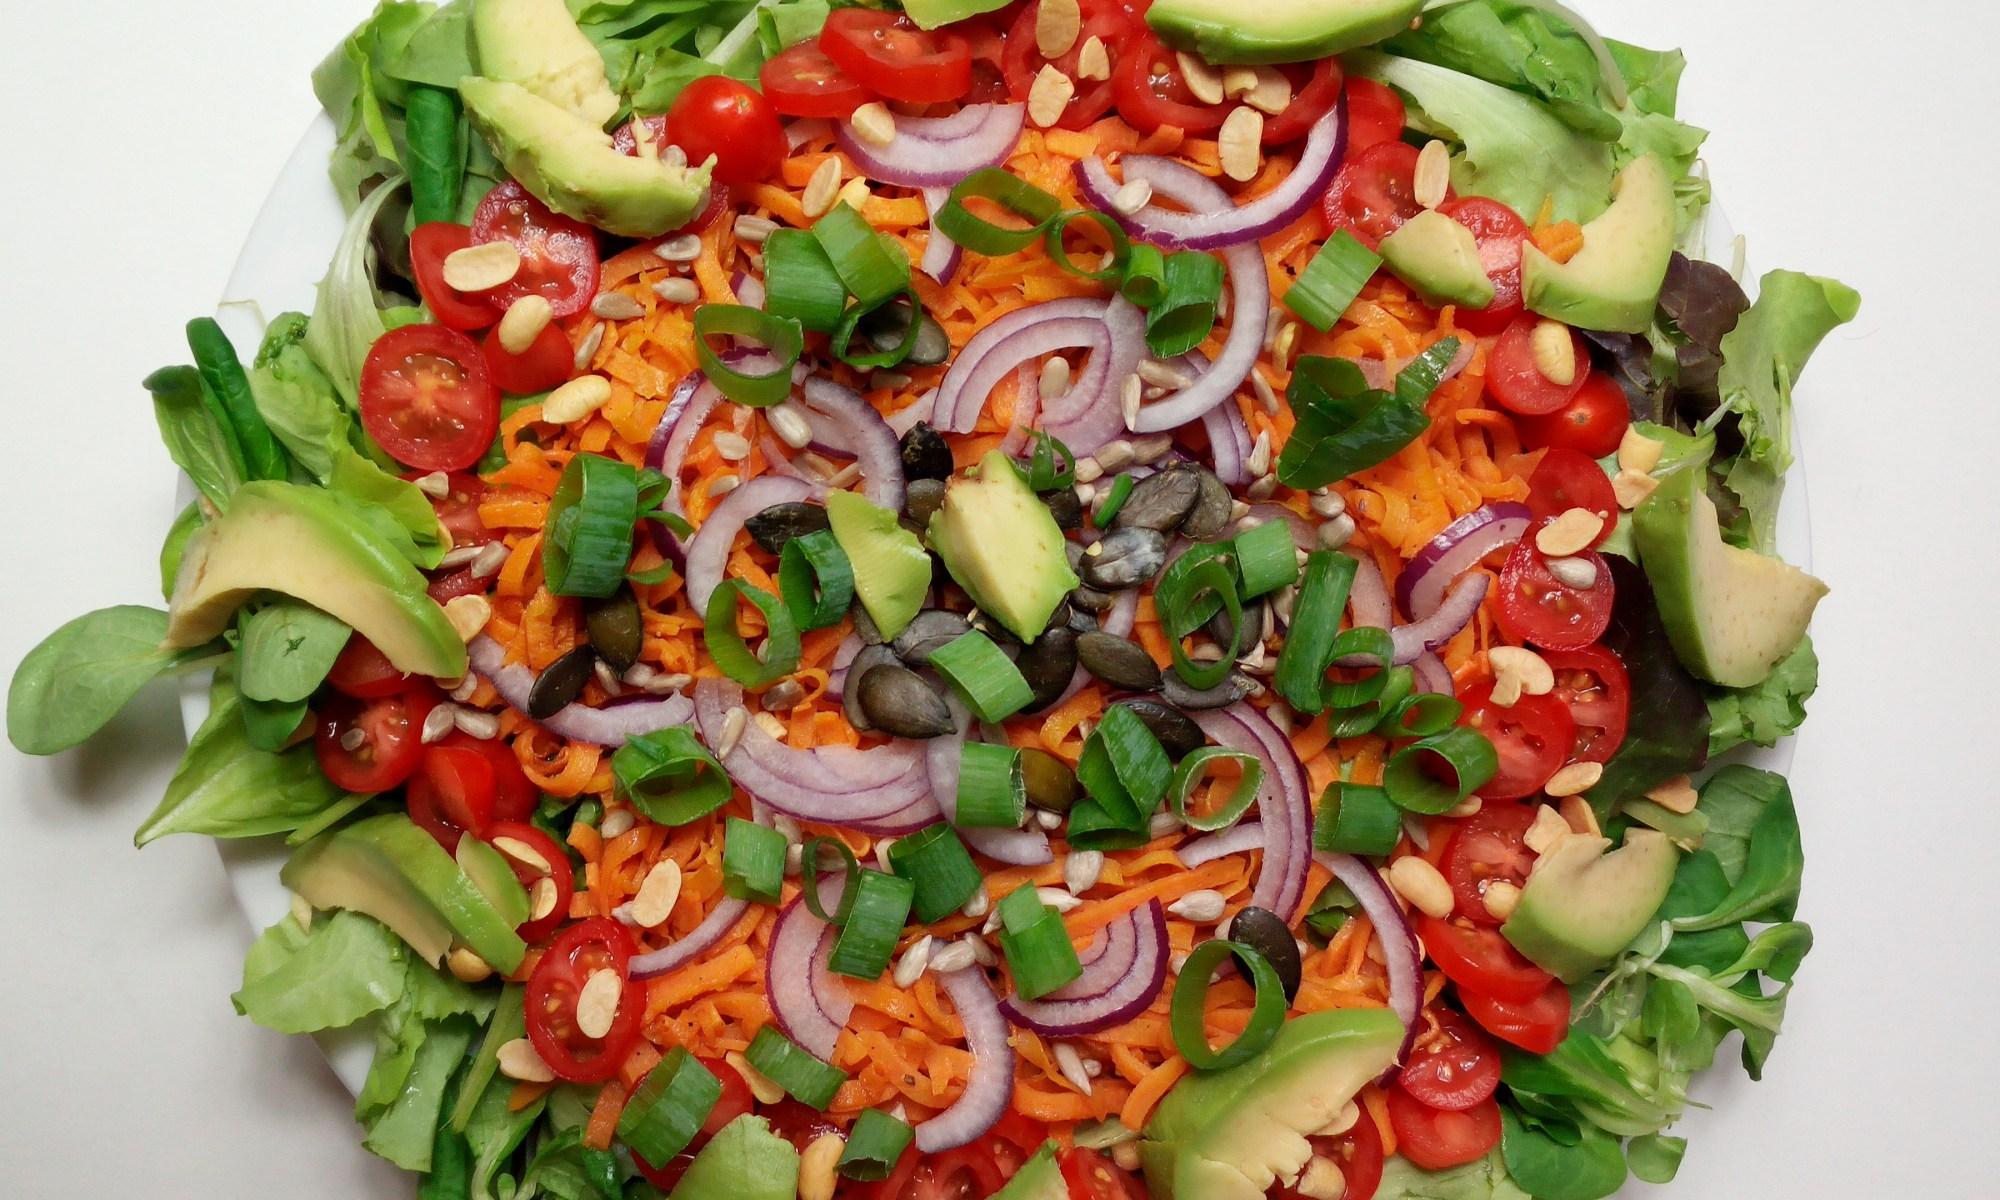 Großer Teller mit frischem grünem Salat, leicht angebratenen Süßkartoffel-Spagetti Avaocado-Scheiben, süßen Kirschtomaten, Soja- Sonnenblumen- und Kürbiskernen, Lauch-Ringe und eine vorzüglich schmeckende Agaven-Senf-Vinaigrette